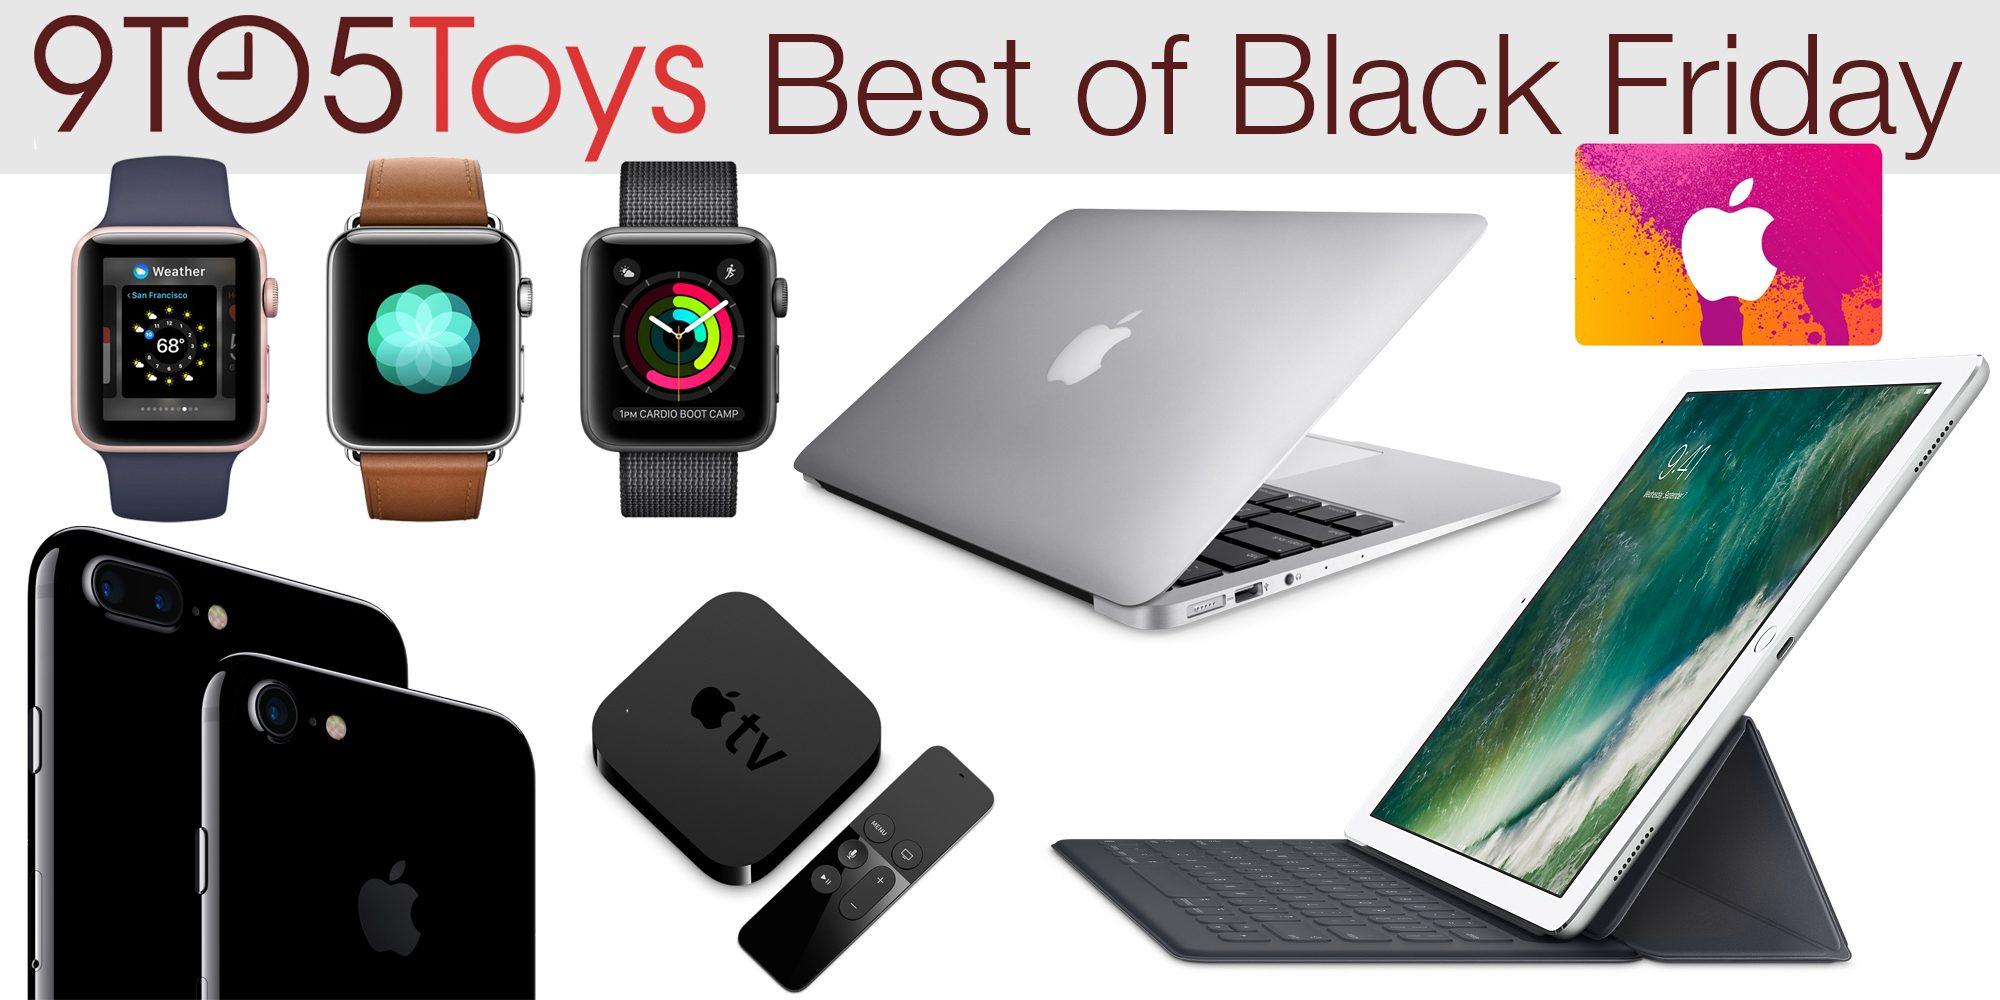 """<span href=""""https://9to5mac.com/2016/11/25/best-apple-deals-black-friday-2016/"""">el Mejor viernes Negro Ofertas de Apple: el iPad Pro de 9,7"""" de $449, Apple Watch Serie 1 $198, iPhone 7/Plus w/ $250 GC, más</a>"""